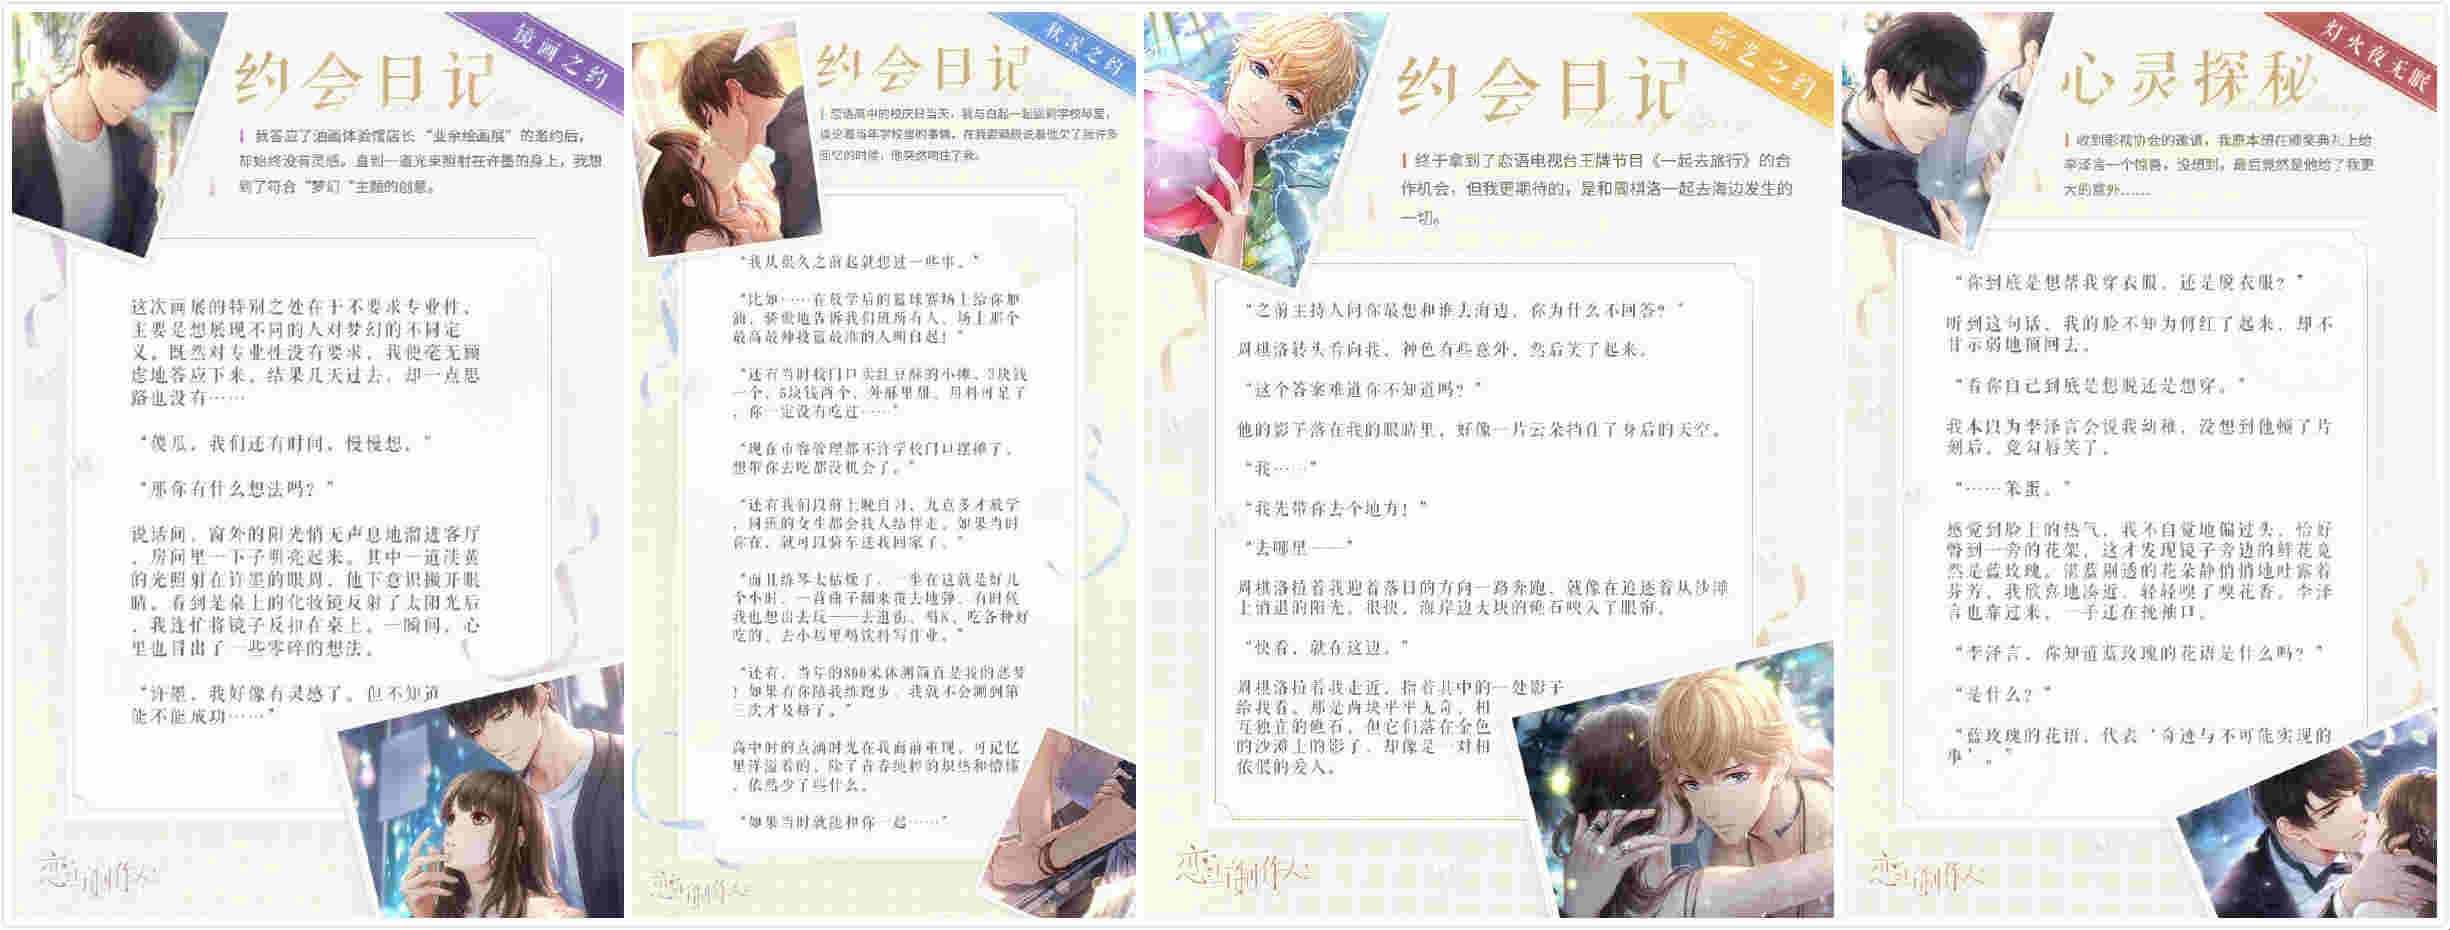 """《恋与制作人》第二季焕新开启 全新篇章""""未来之后""""震撼上线"""